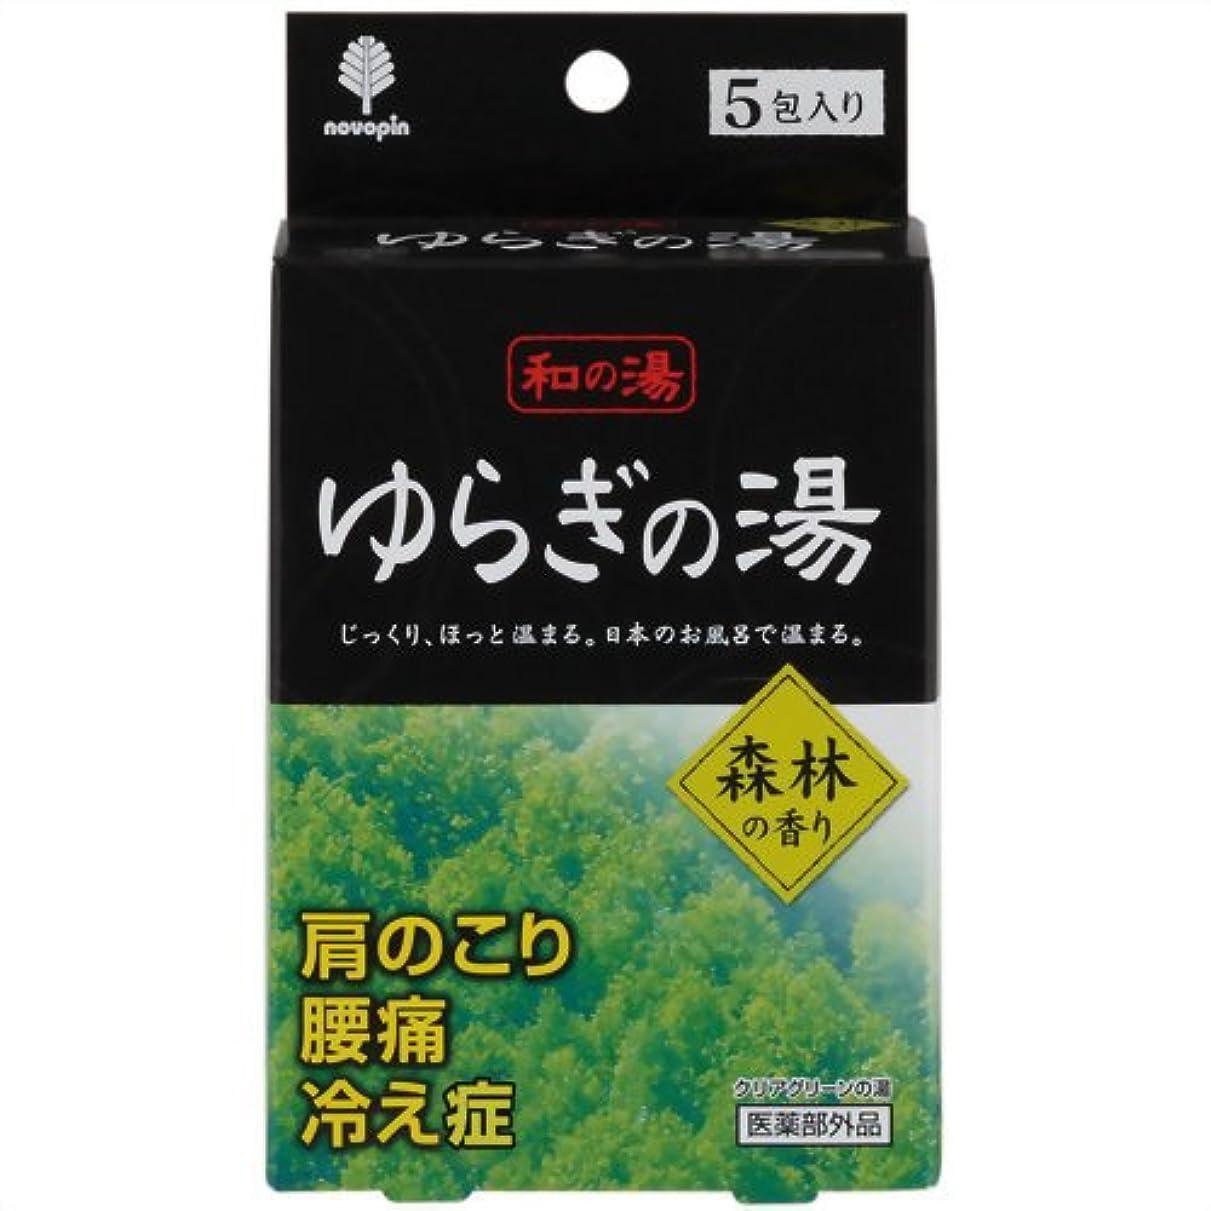 平均有毒ディベートゆらぎの湯 森林の香り 25g×5包入